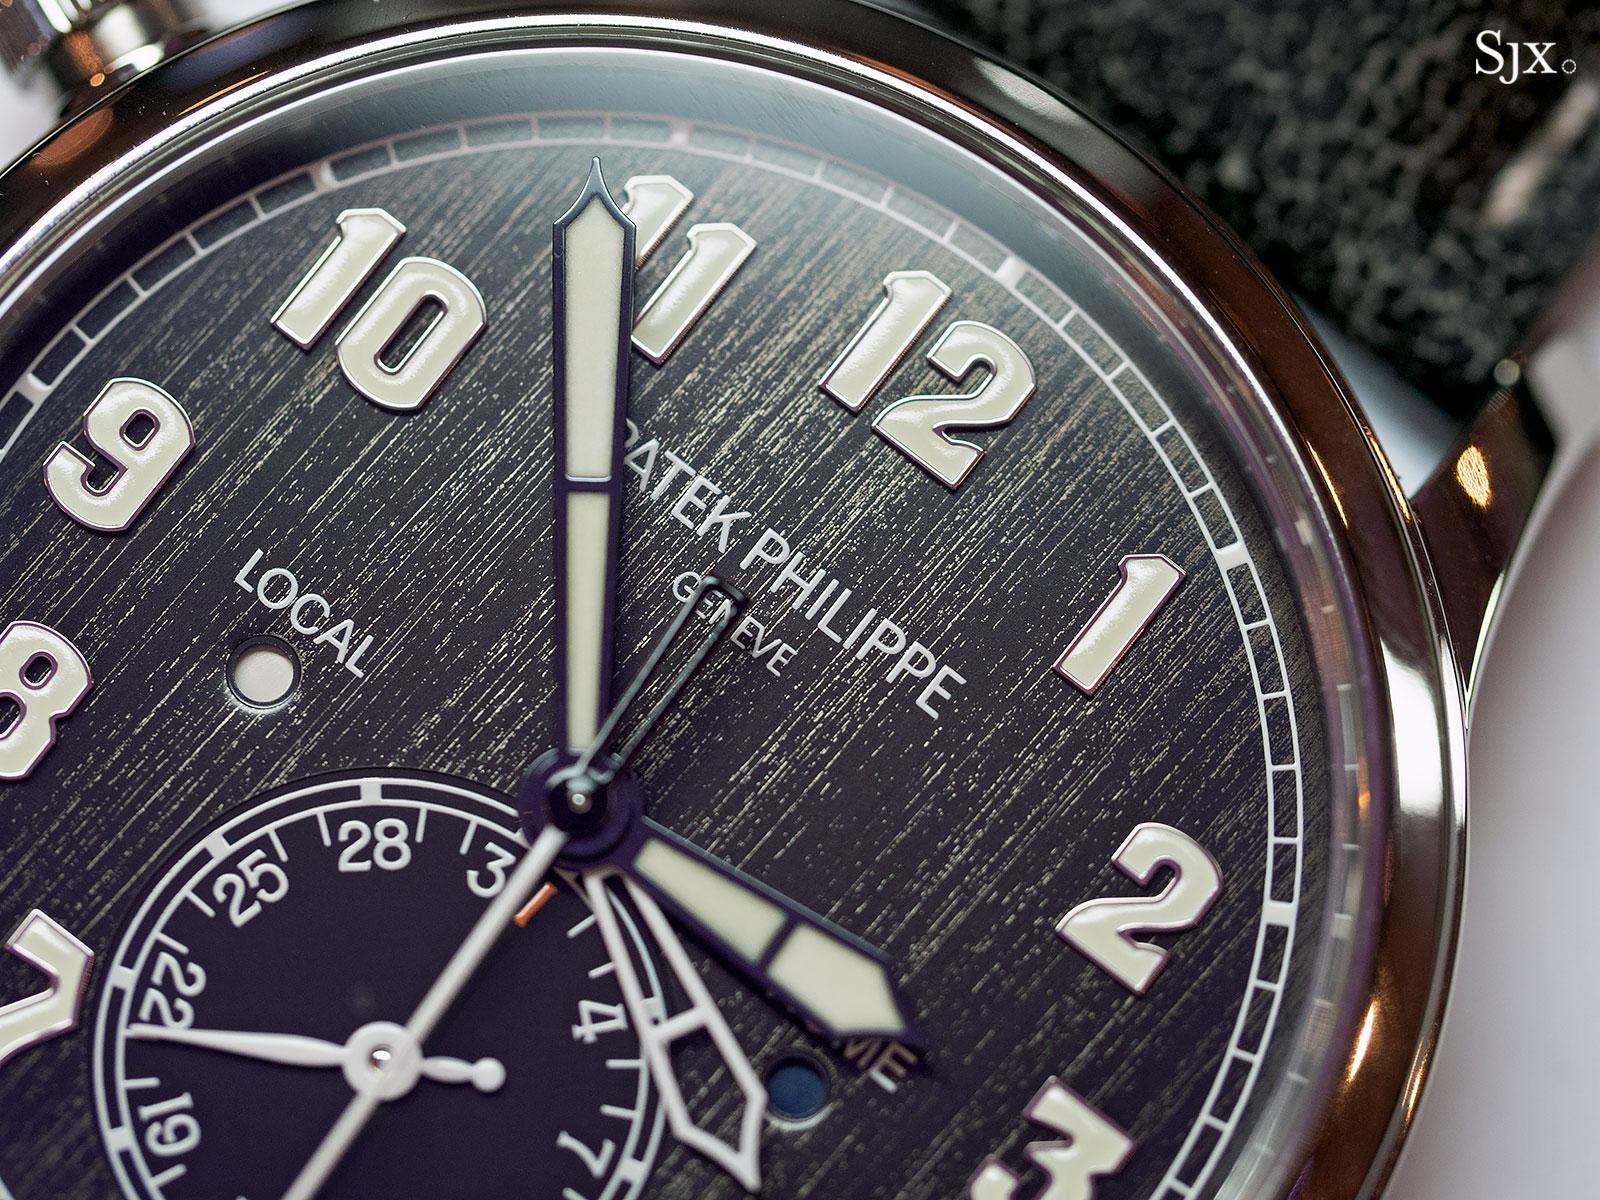 Patek Philippe Calatrava Pilot Travel Time Titanium 5524T-8